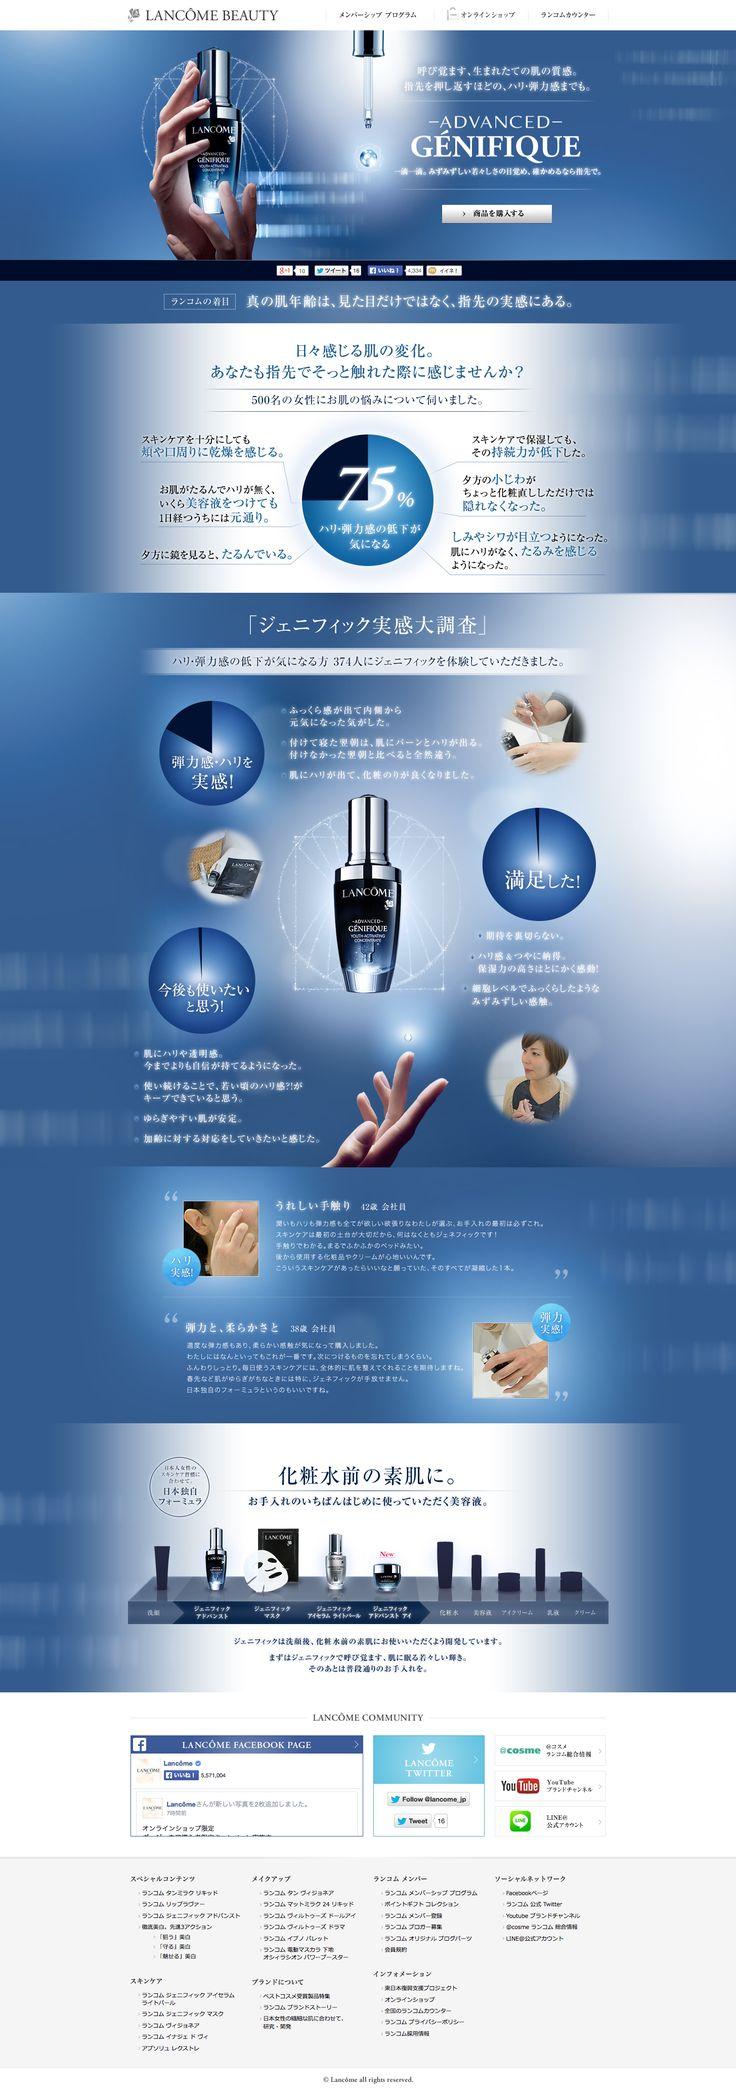 【ランコム (ジェニフィック アドバンスト)】 http://www.lancome.jp/brand/campaign/genifique/